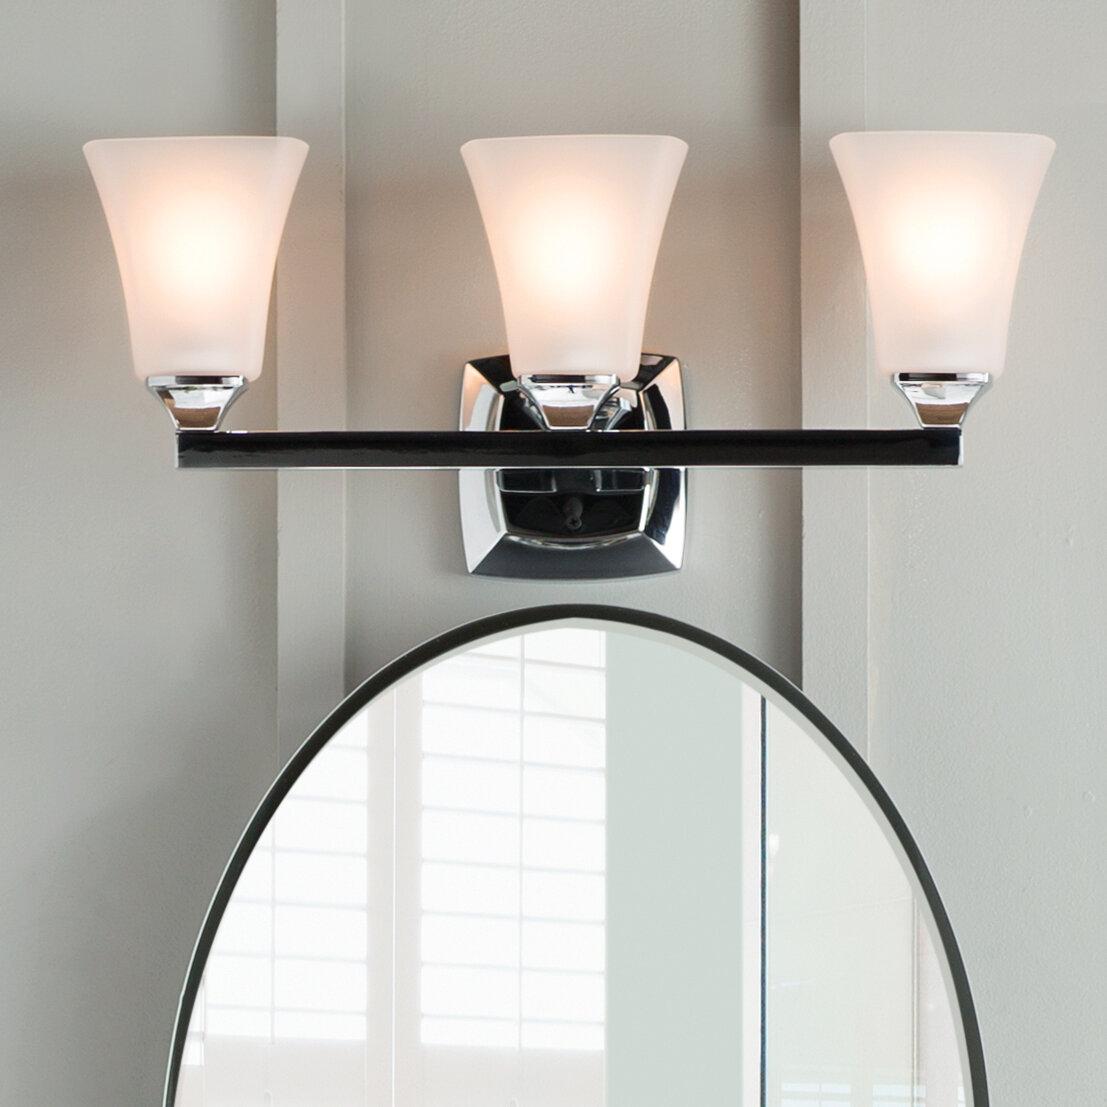 Moen Voss 3 Light Vanity